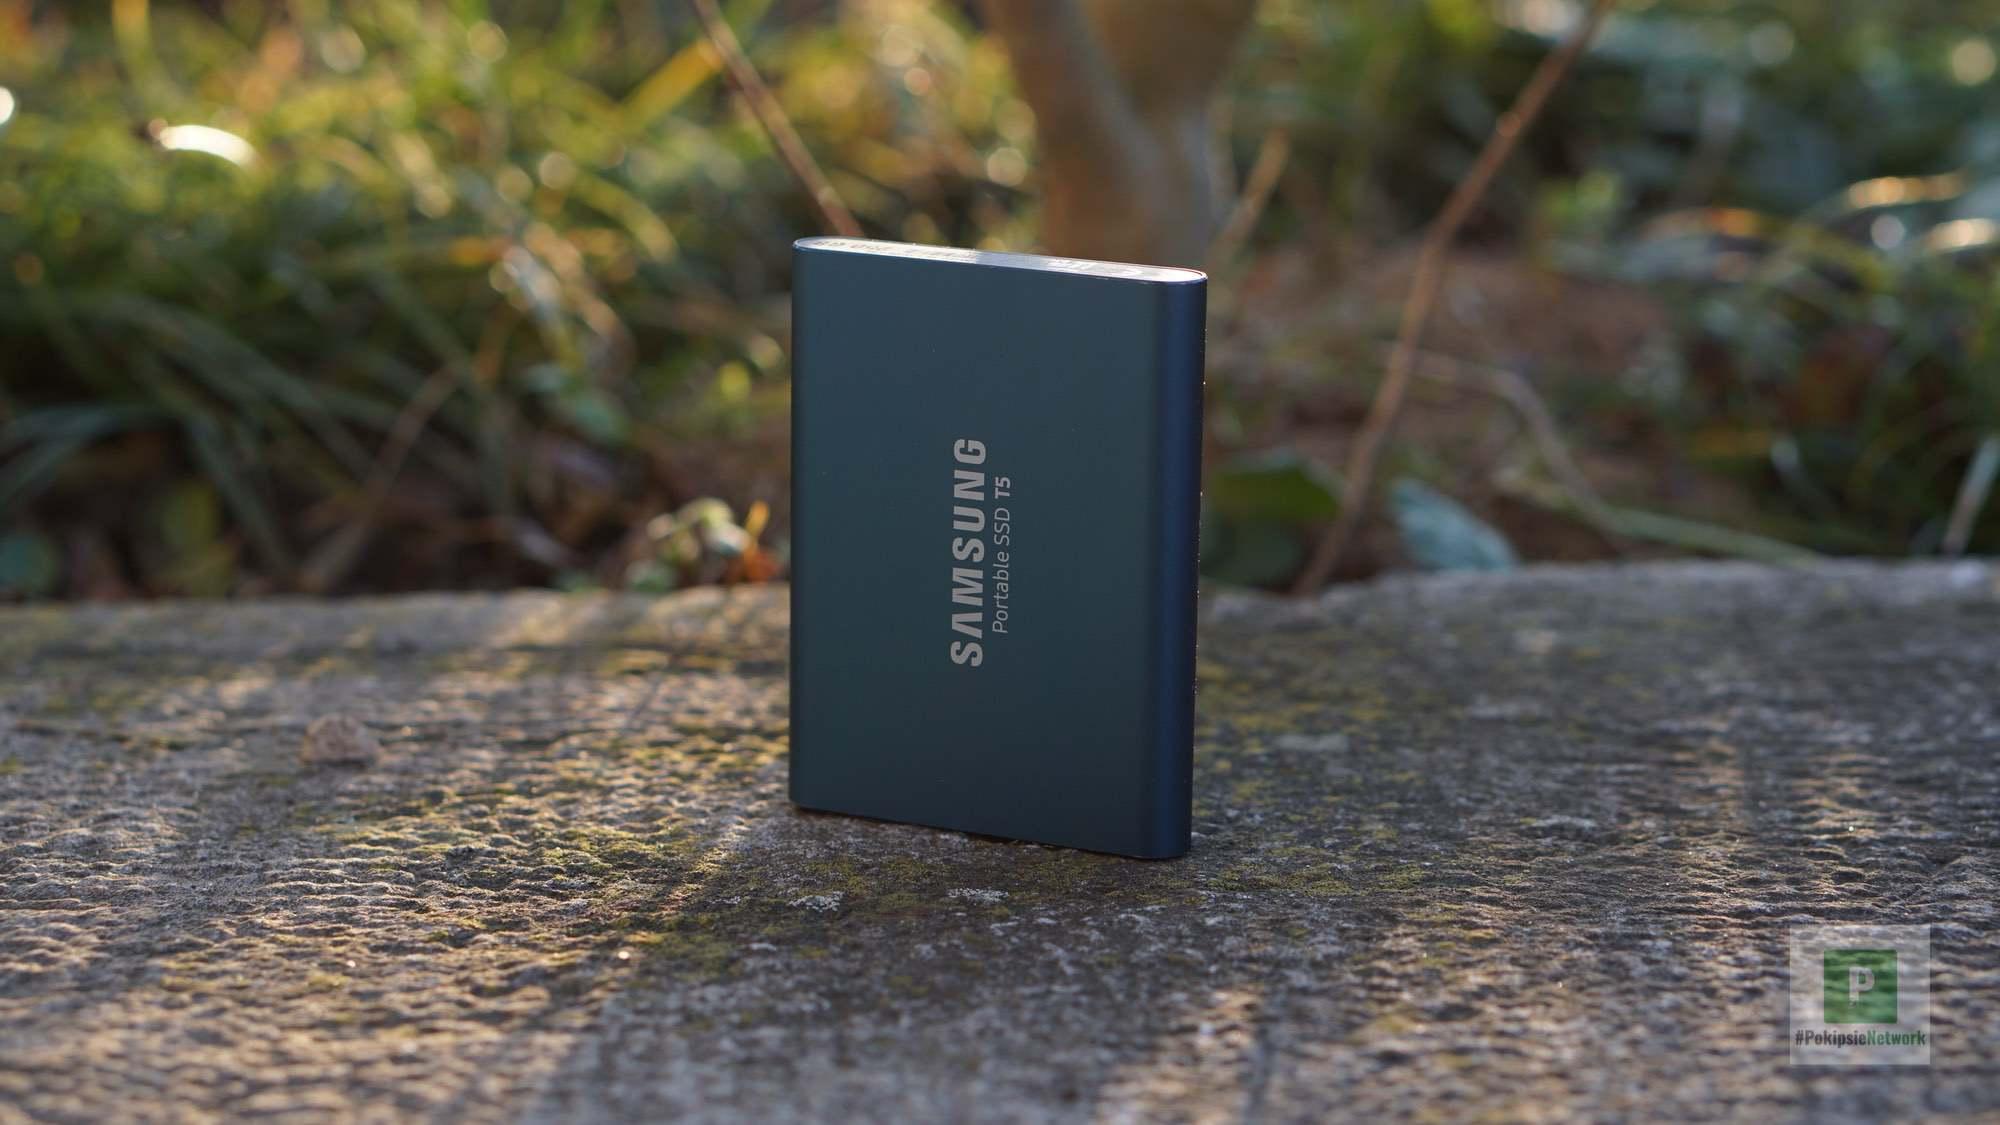 Meine SSD T5